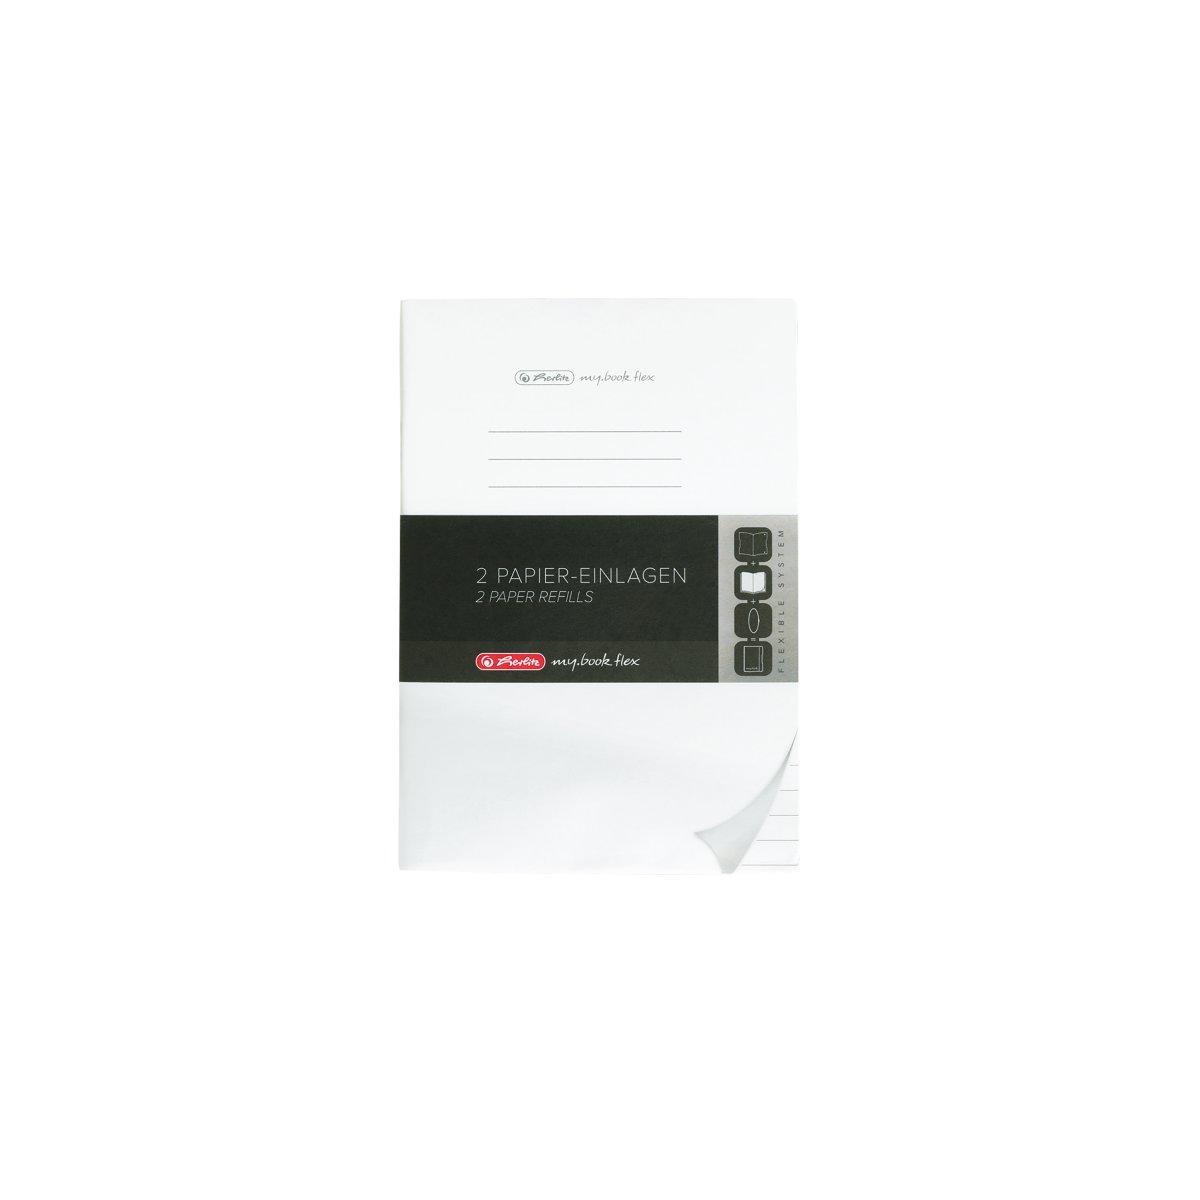 Herlitz 50034123 - Papier-Ersatzeinlagen - für Notizheft my.book flex - DIN A5